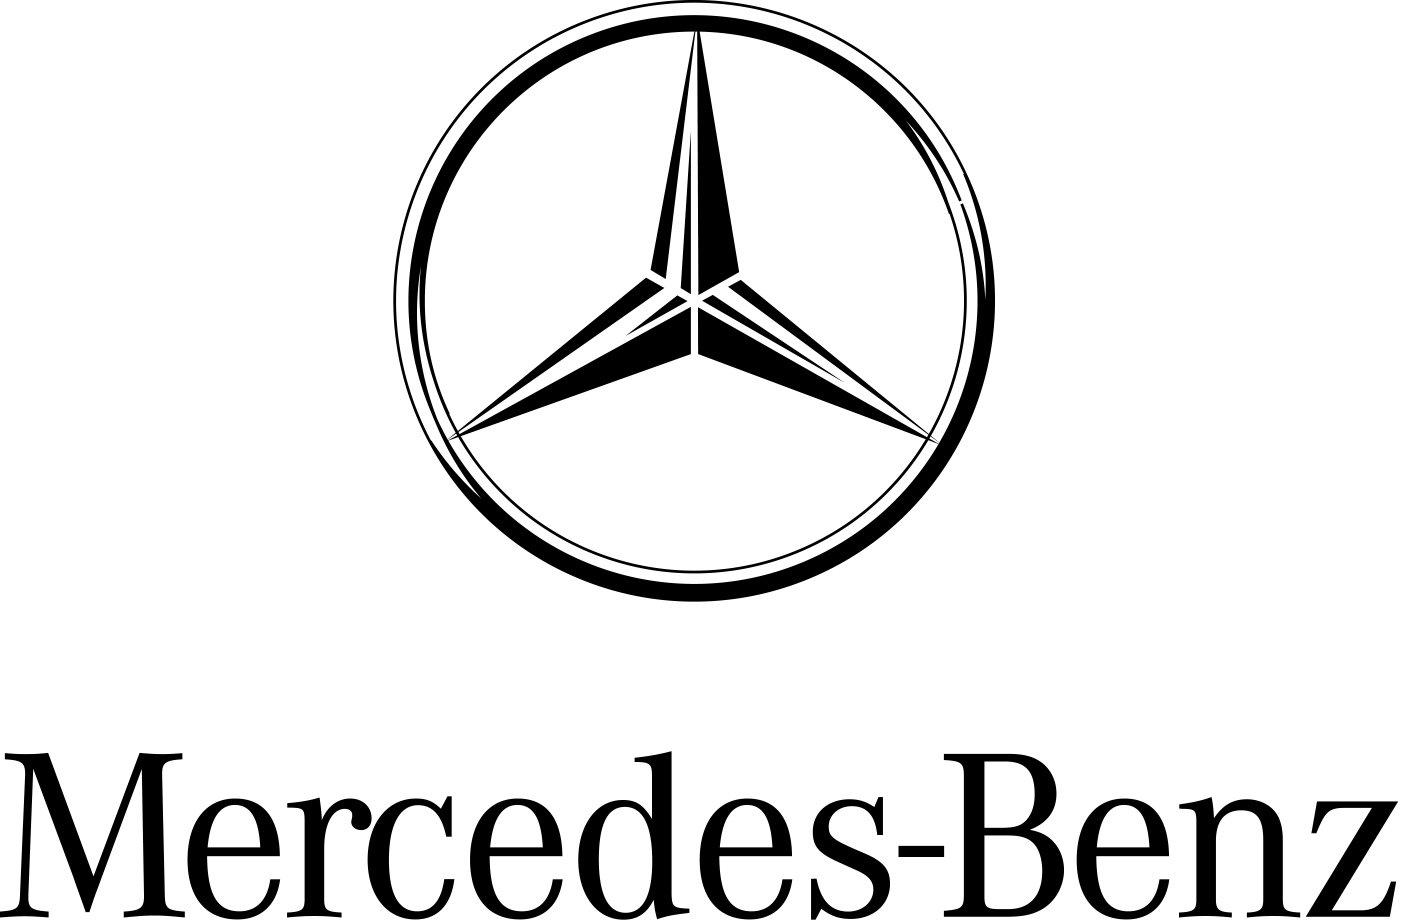 mercedes benz amg logo collection logo. Black Bedroom Furniture Sets. Home Design Ideas